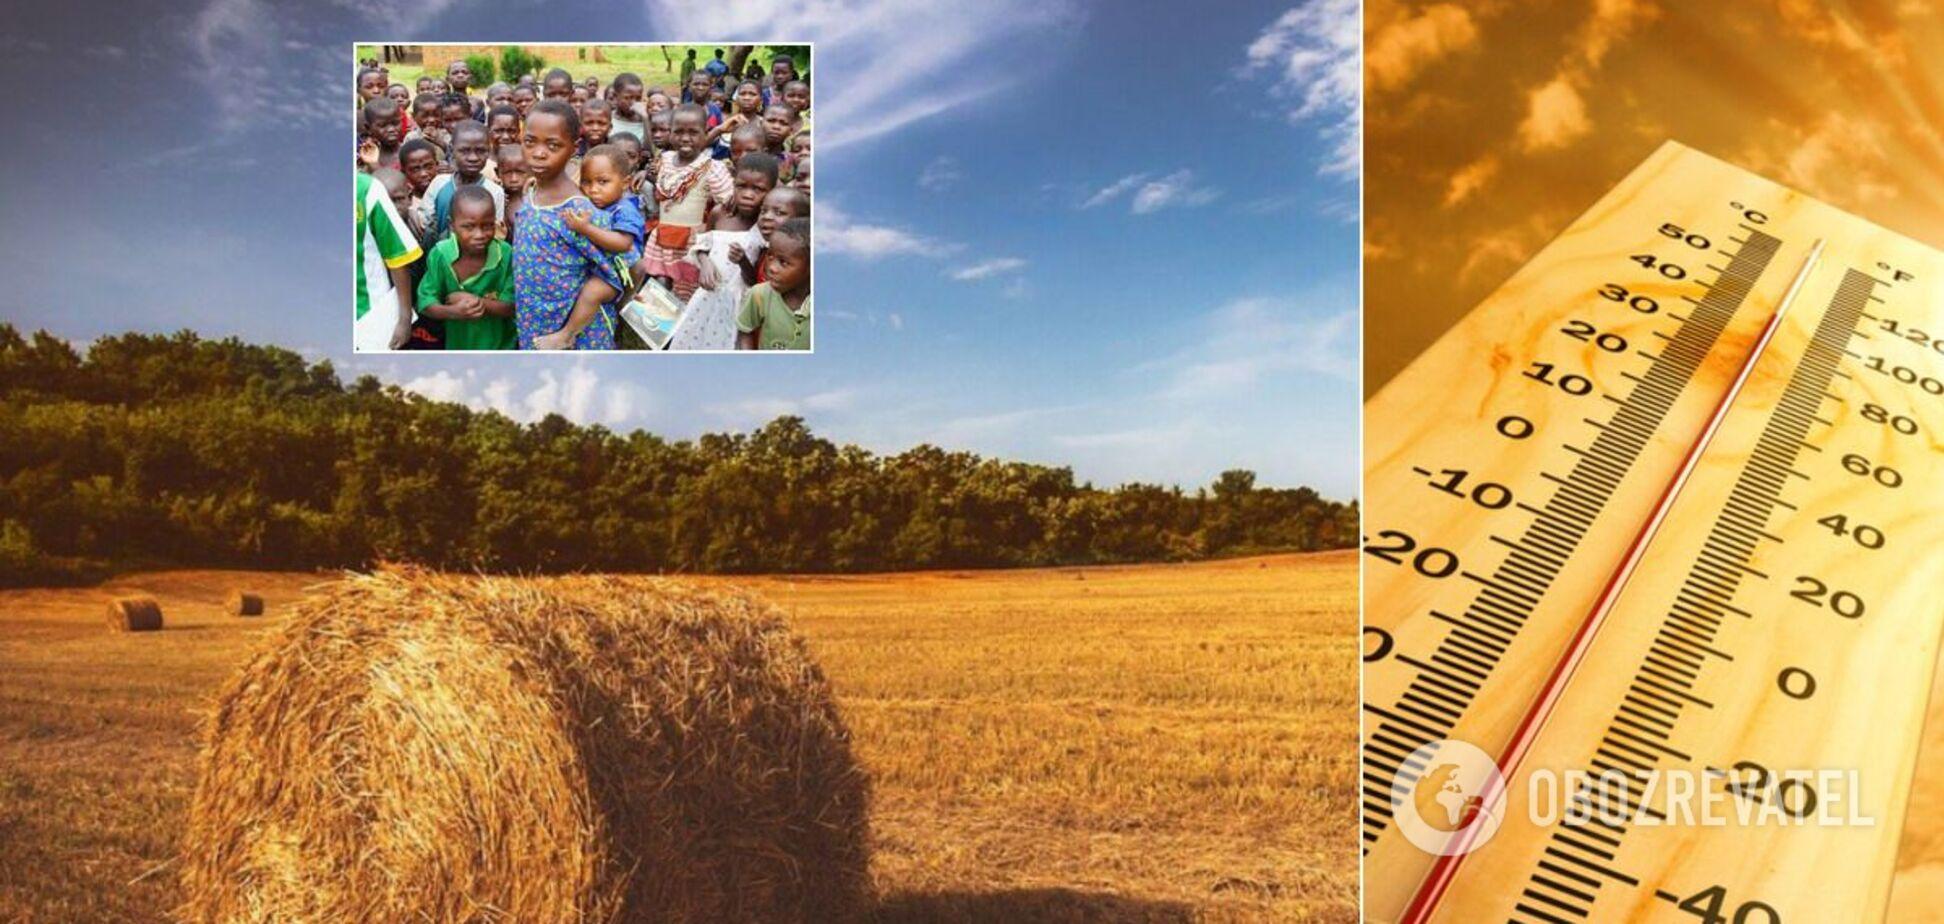 В Украину хлынут миллионы мигрантов, а села будут вымирать: к чему приведут изменения климата. Прогнозы